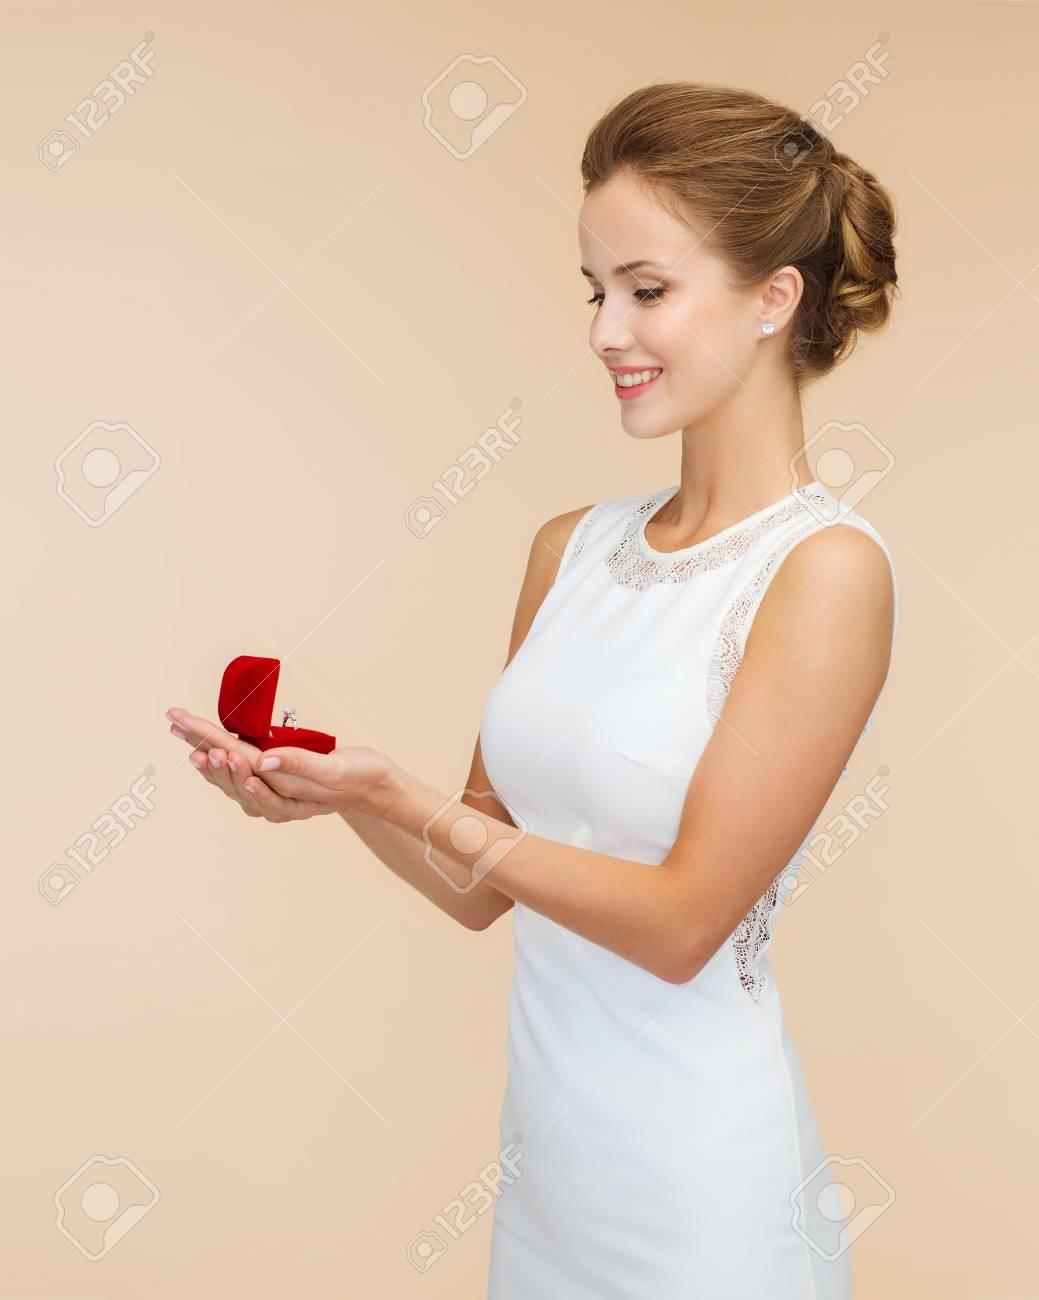 Hochzeit, Liebe, Engagement Und Glück Konzept - Lächelnde Frau Im ...